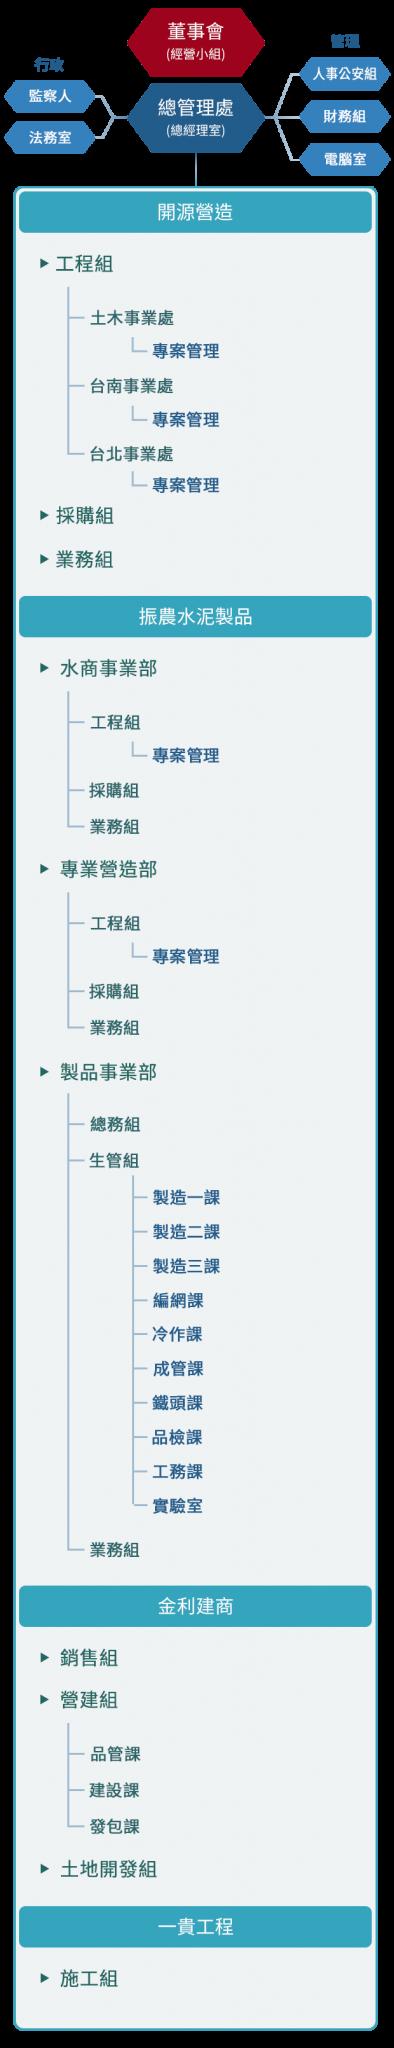 振農水泥製品股份有限公司組織架構圖(小)